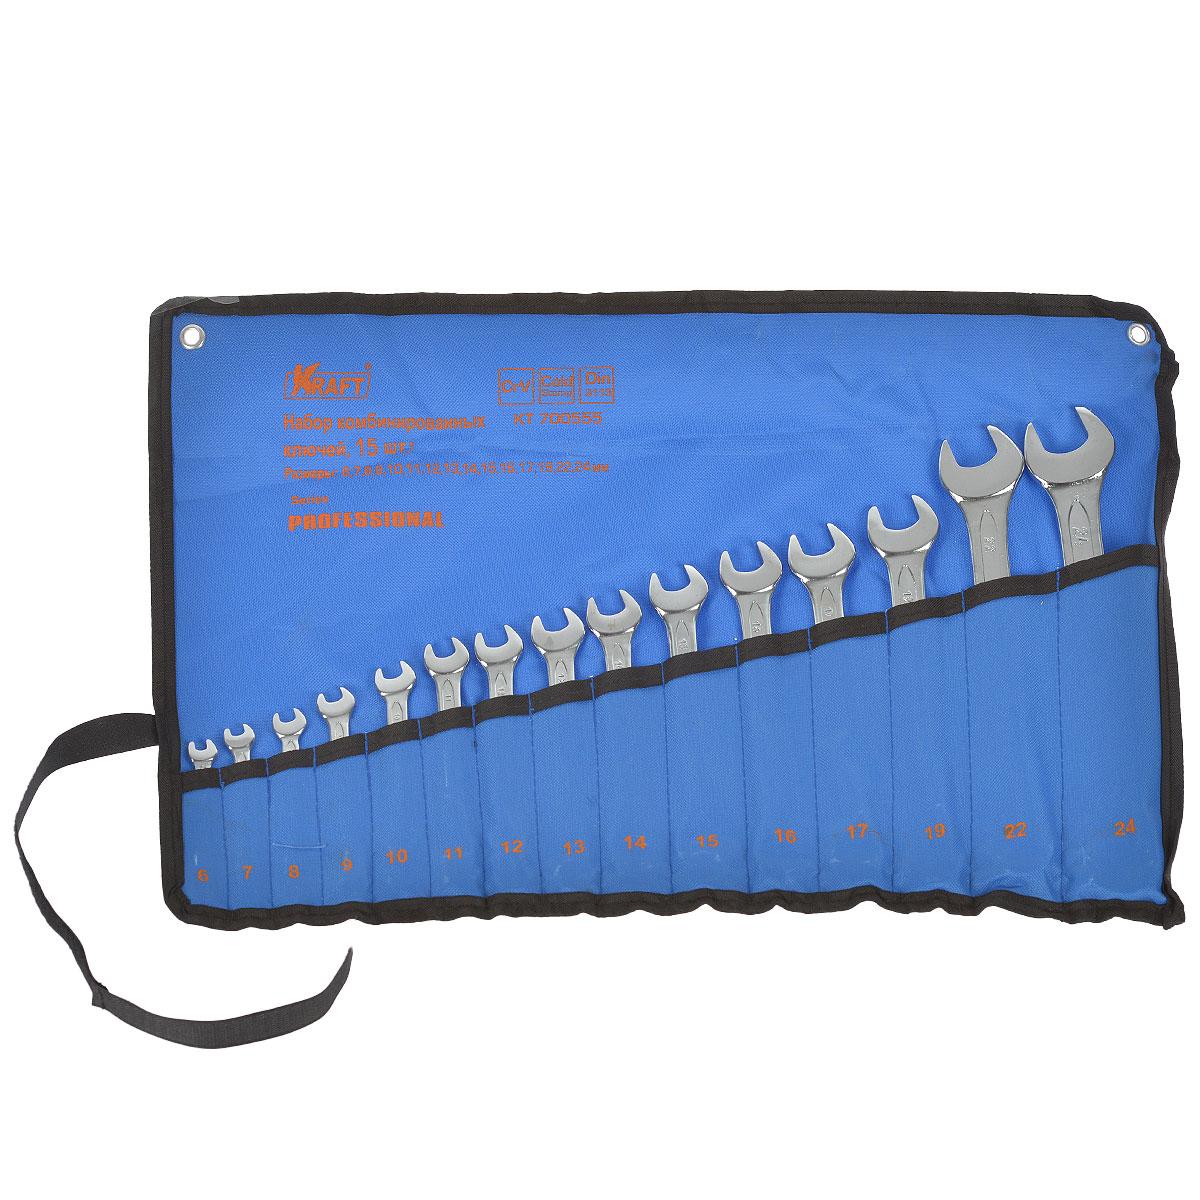 Набор комбинированных гаечных ключей Kraft Professional, 6 мм - 24 мм, 15 штКТ700555Набор комбинированных гаечных ключей Kraft Professional предназначен для профессионального применения в решении сантехнических, строительных и авторемонтных задач, а также для бытового использования. Ключи изготовлены из хромованадиевой стали.Размеры ключей, входящих в набор: 6 мм, 7 мм, 8 мм, 9 мм, 10 мм, 11 мм, 12 мм, 13 мм, 14 мм, 15 мм, 16 мм, 17 мм, 19 мм, 22 мм, 24 мм. Комбинированный ключ представляет собой соединение рожкового и накидного гаечных ключей. Обе стороны комбинированного ключа имеют одинаковый размер. Комбинированный ключ - это необходимый предмет в каждом доме.